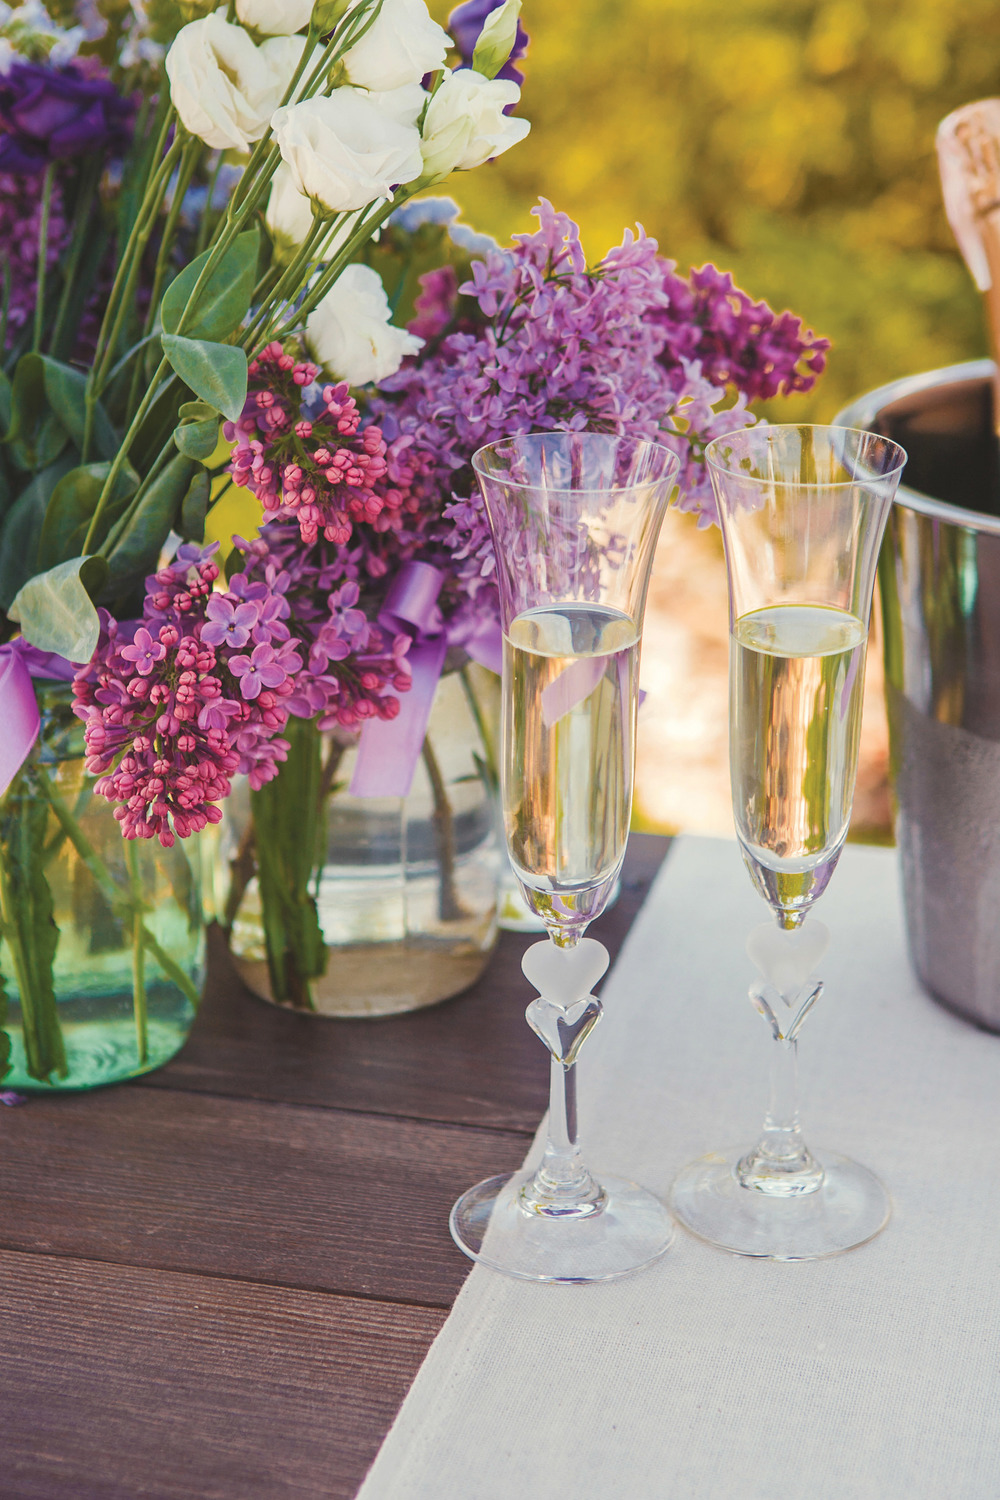 只有在法國香檳區,選用指定的葡萄品種,根據指定的生產方法流程所釀造的氣泡酒,才可標注為香檳。Finevector / Sutterstock.com